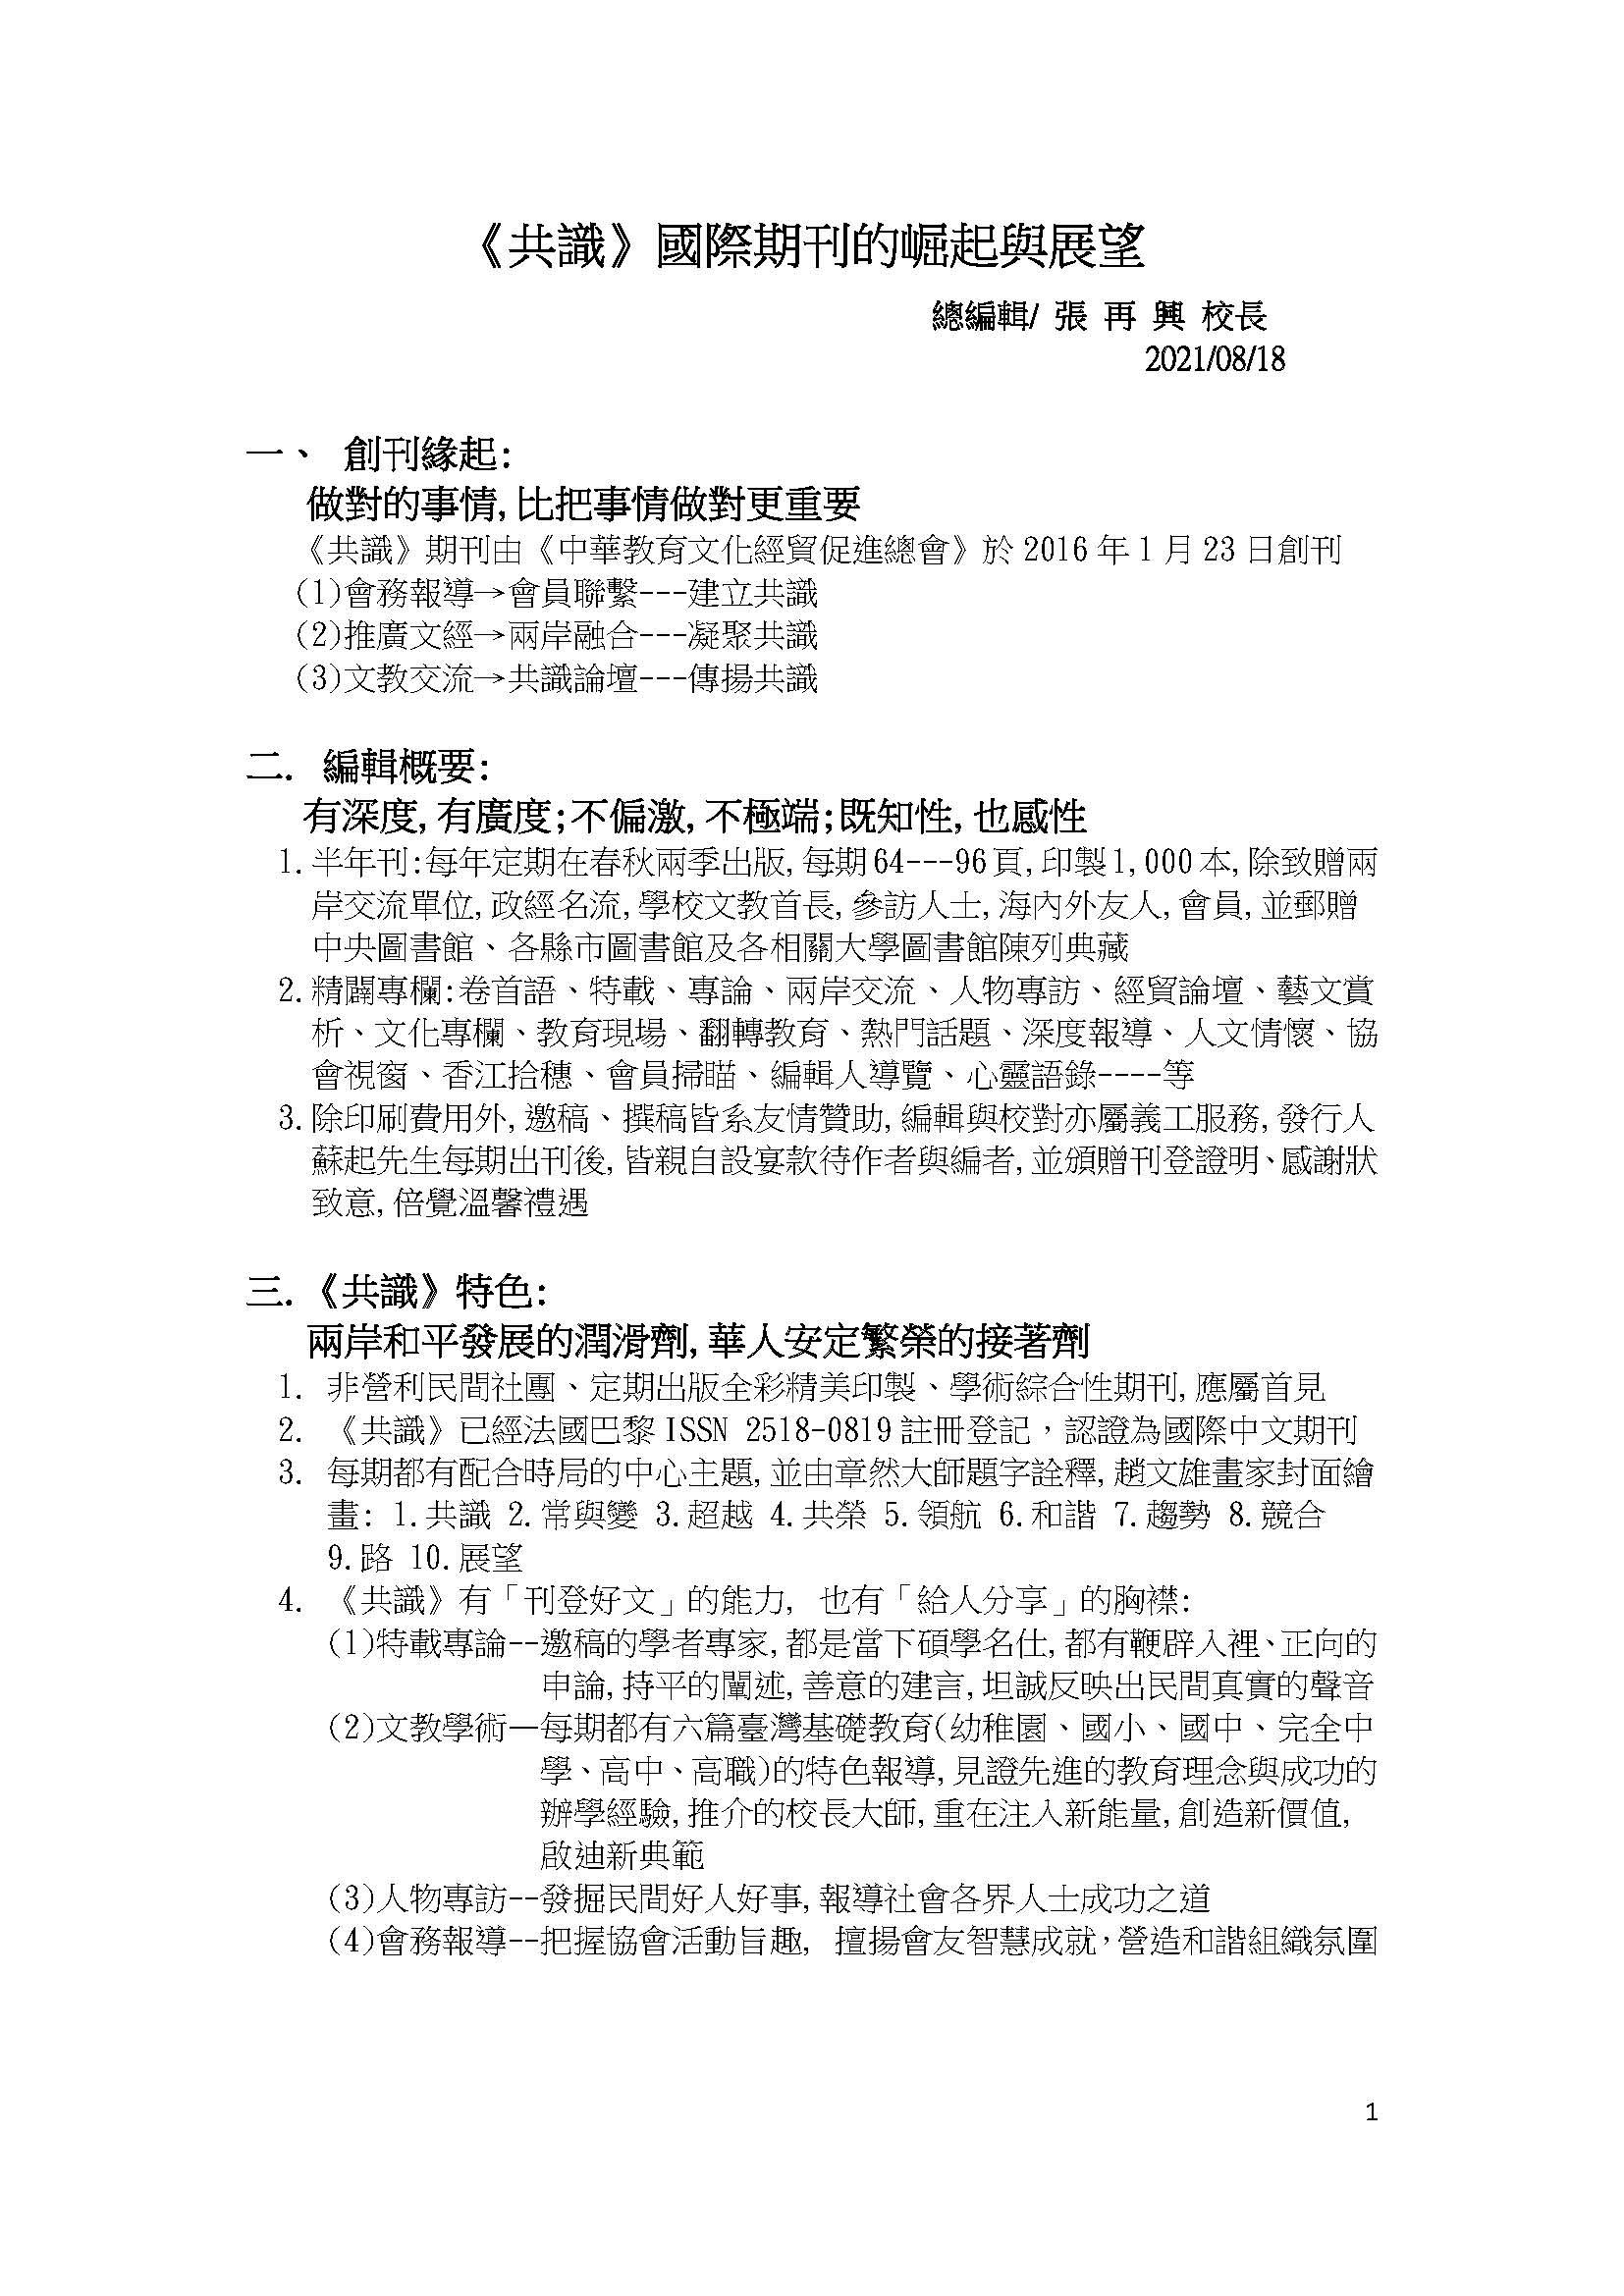 共識的崛起與展望(2021.08.18)_頁面_1